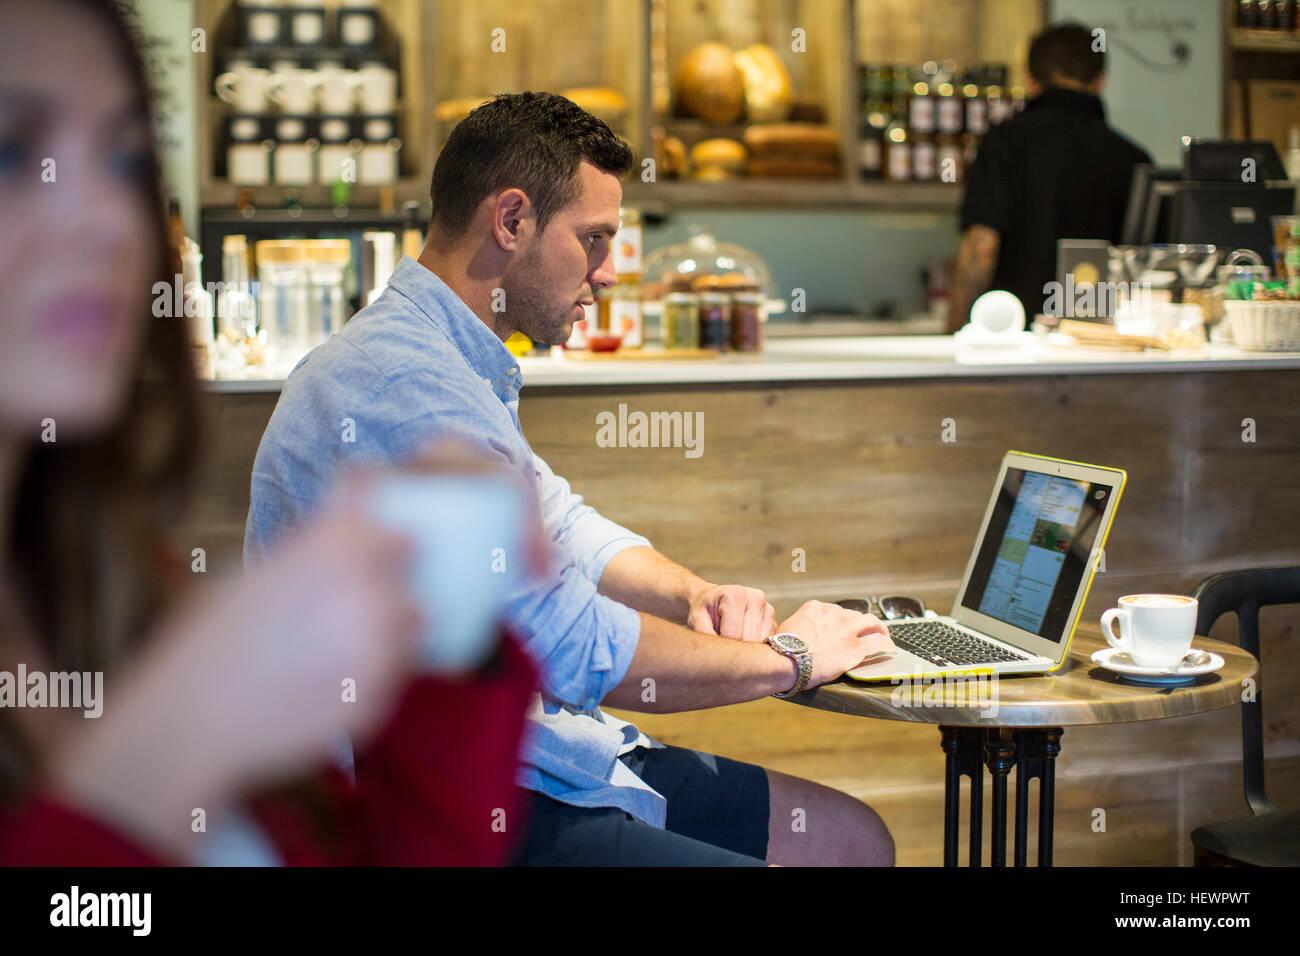 Hombre sentado en el café leyendo portátil Imagen De Stock